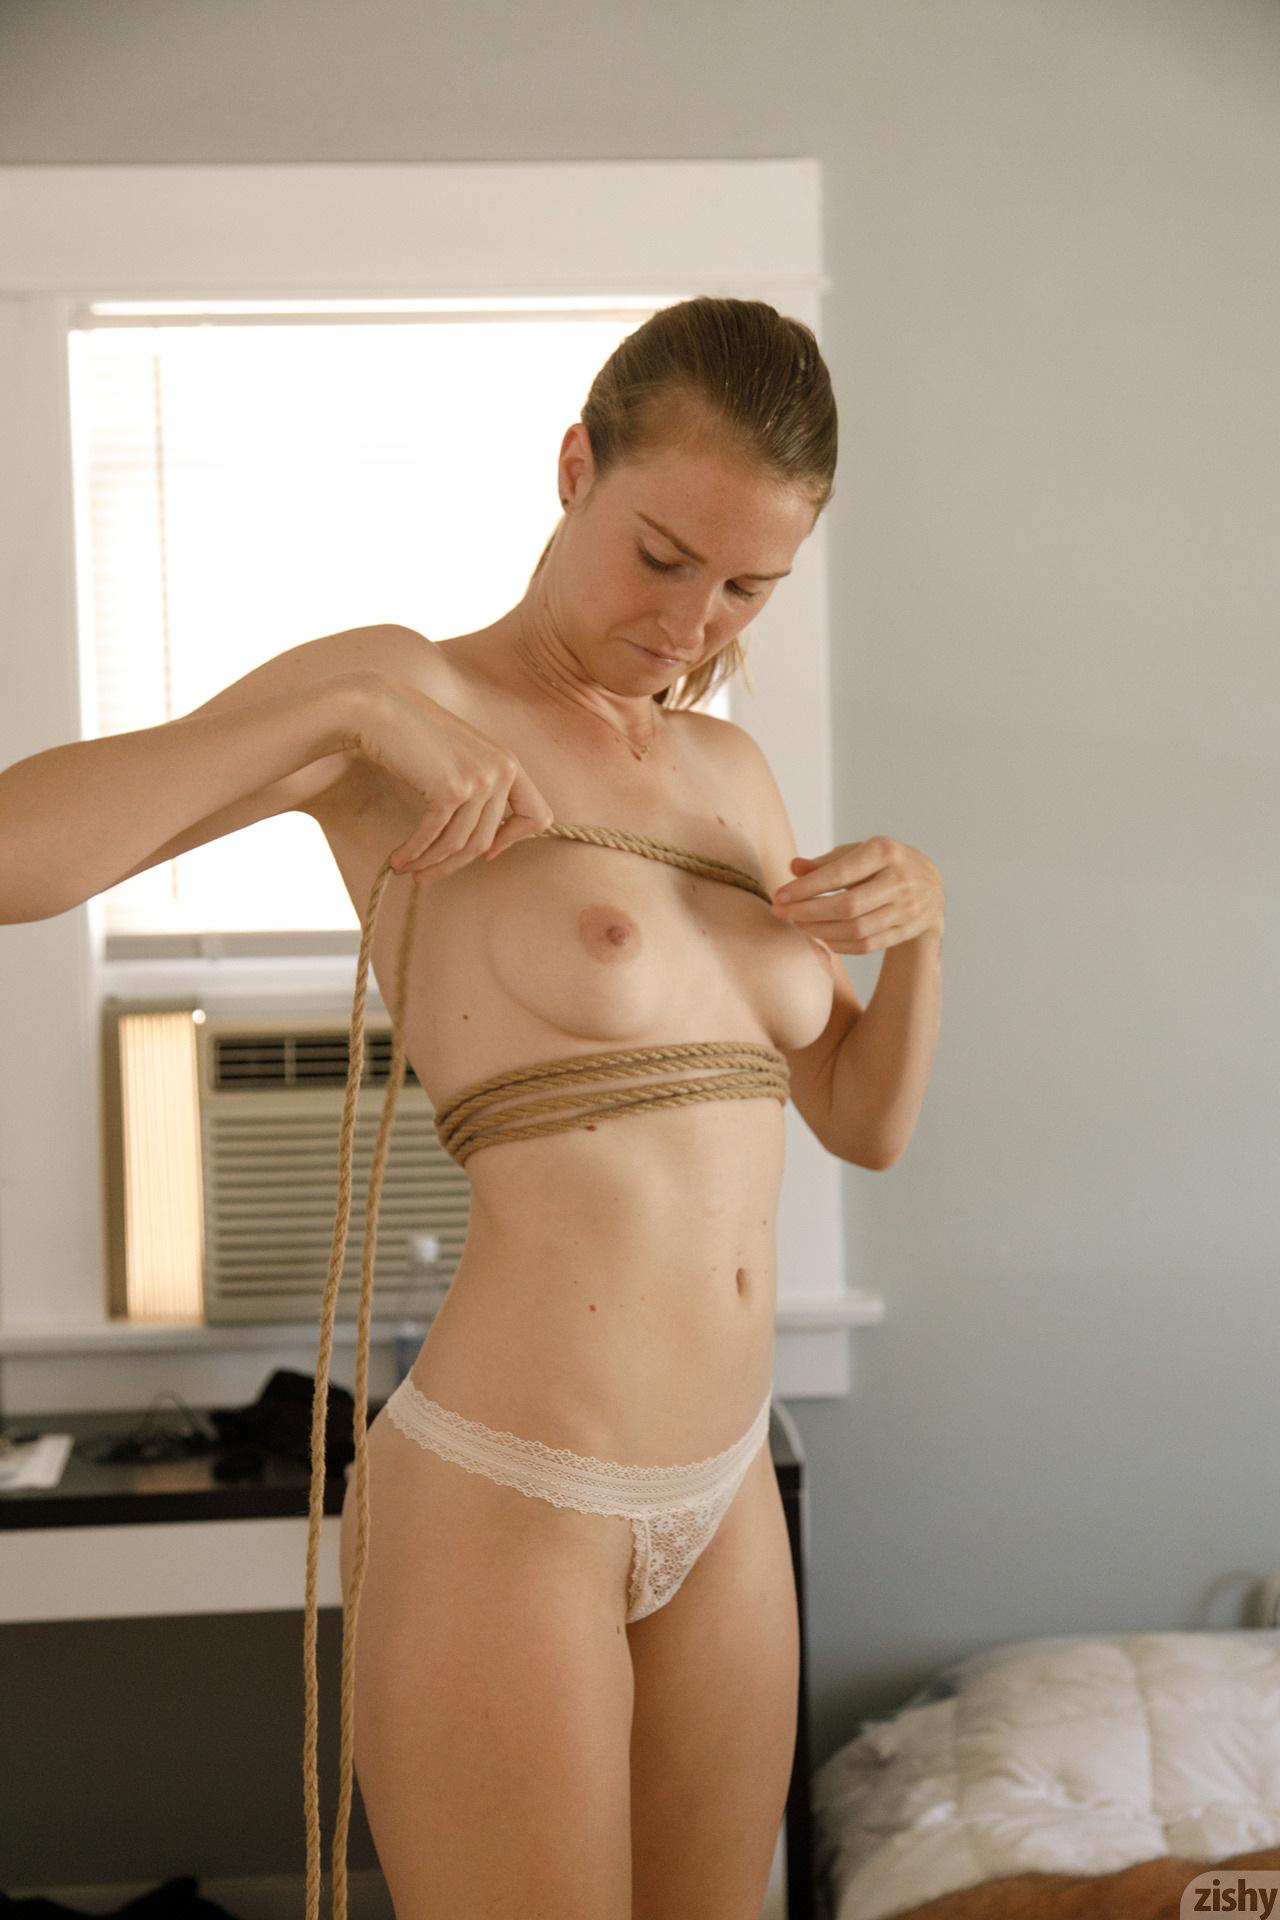 Ashley Lane Rope On Amazon Zishy (24)